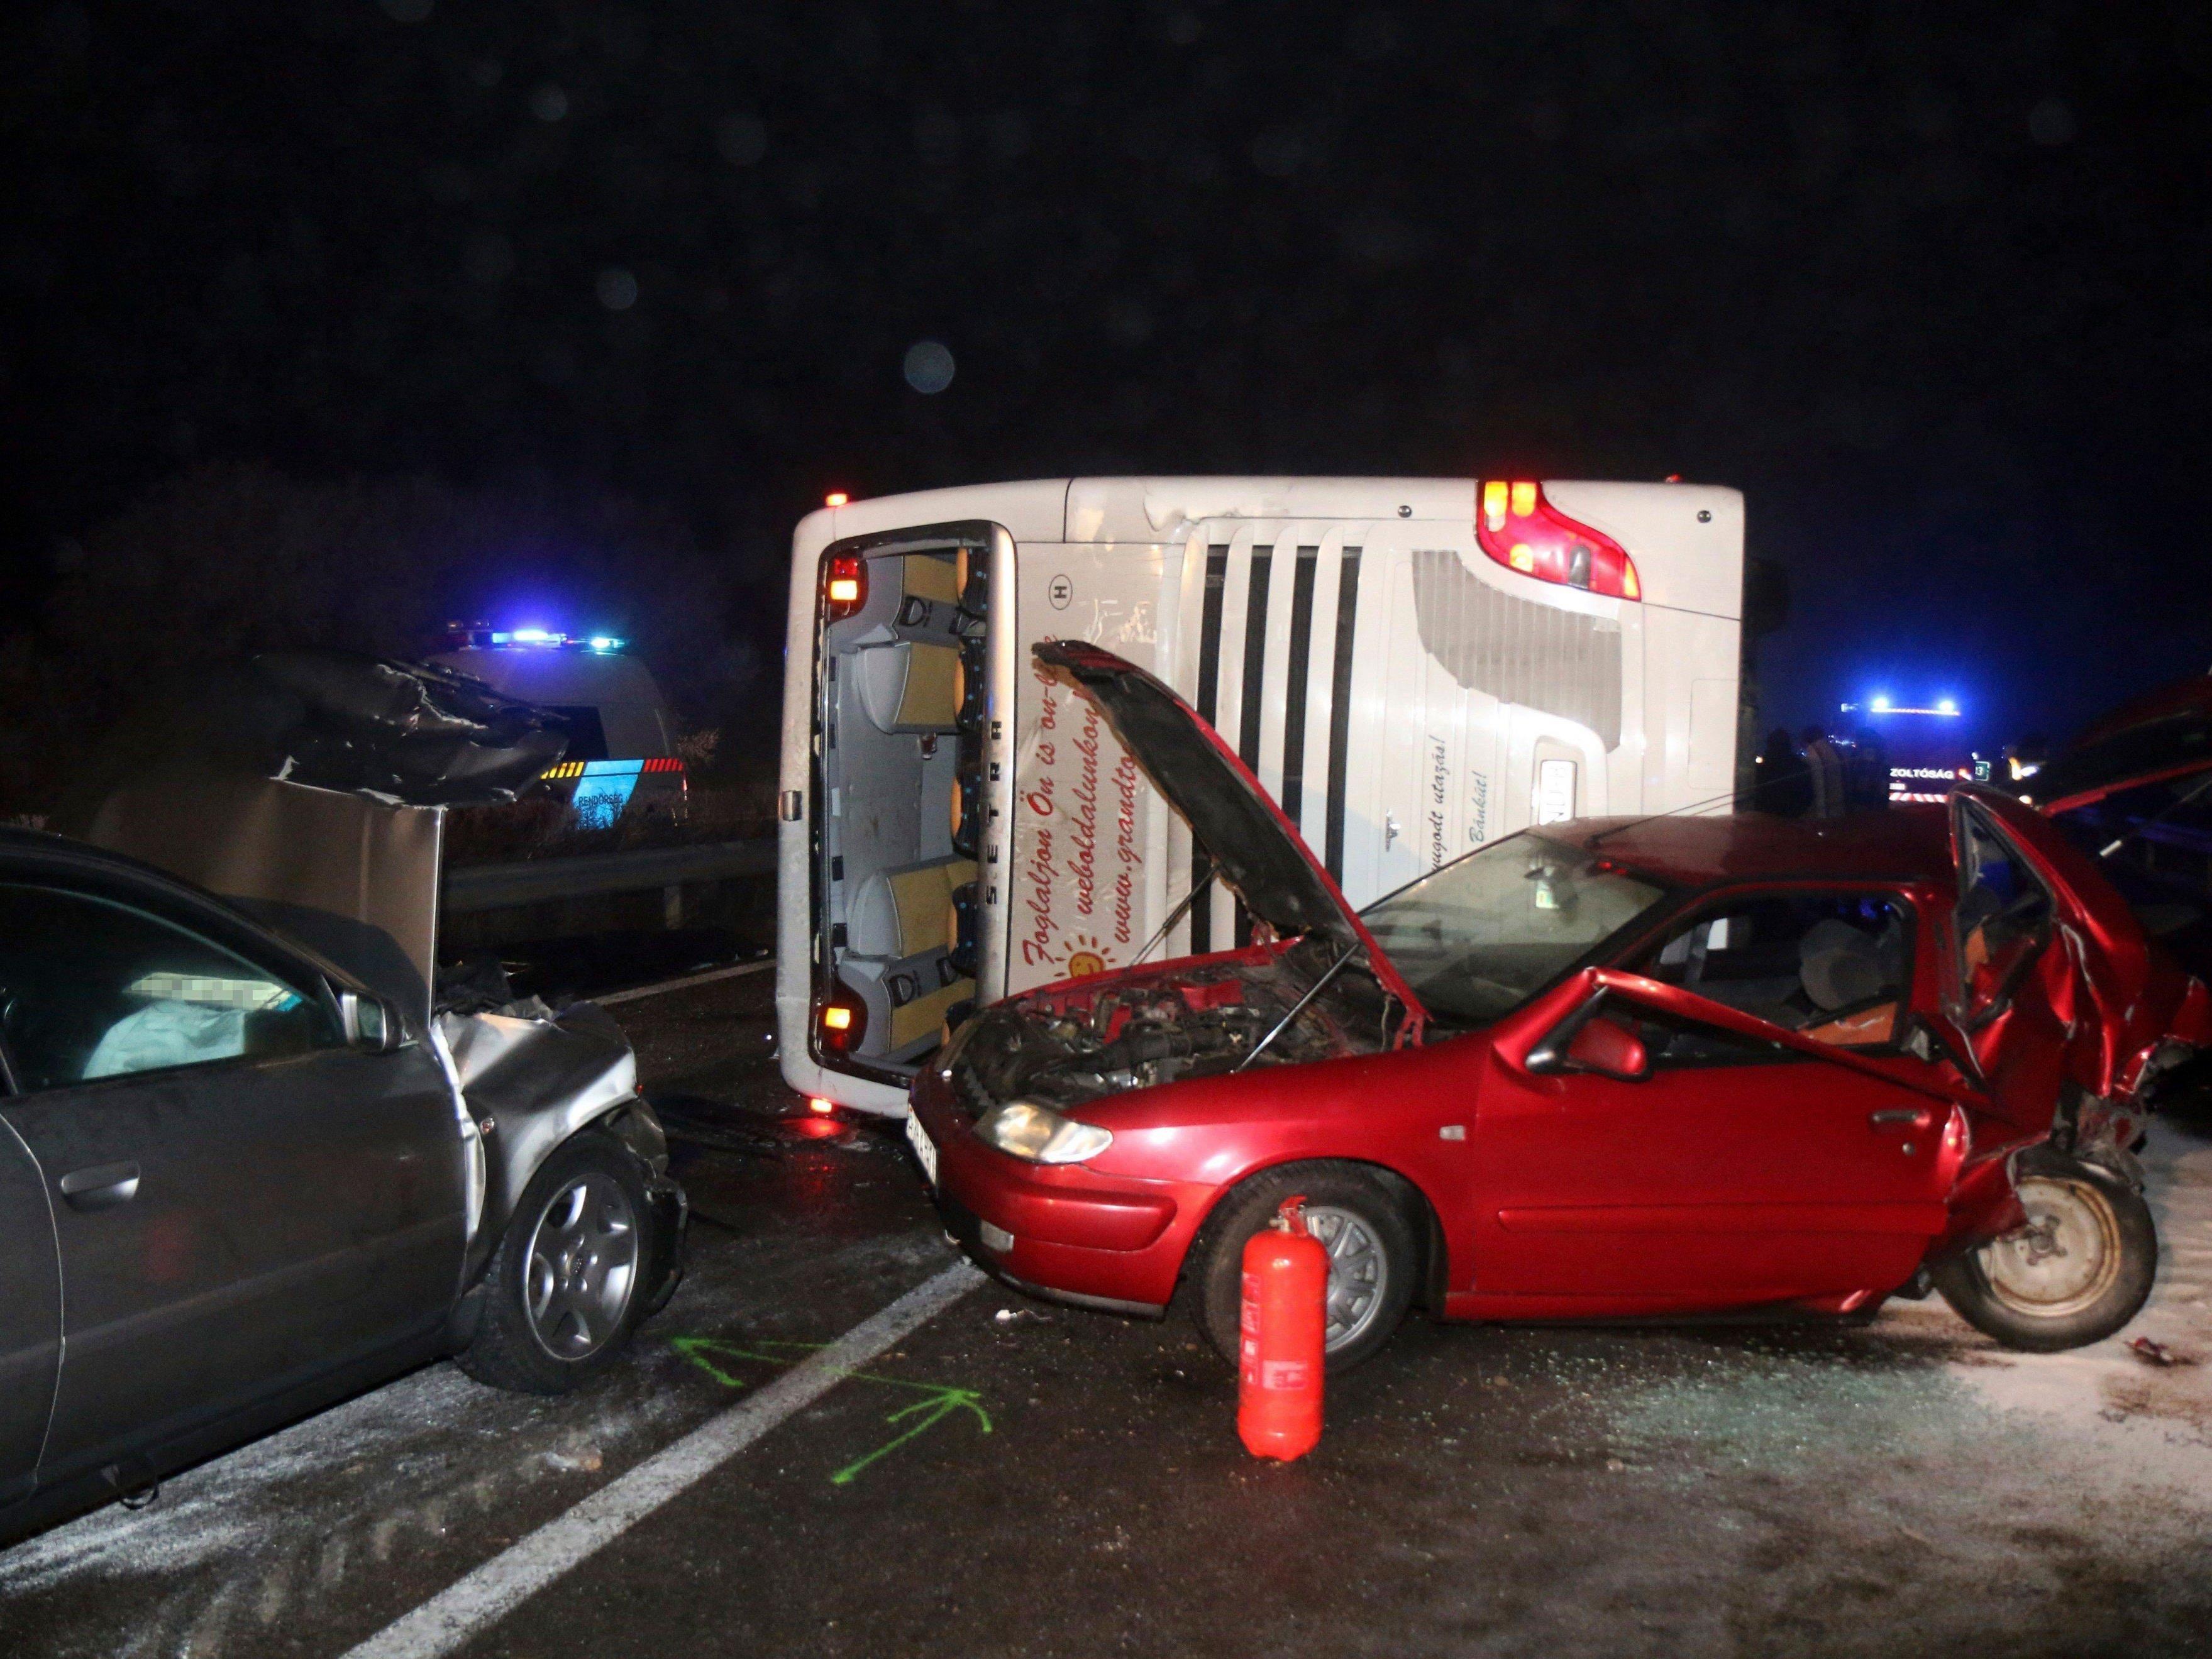 An der Unfallstelle auf der M3 in Ungarn